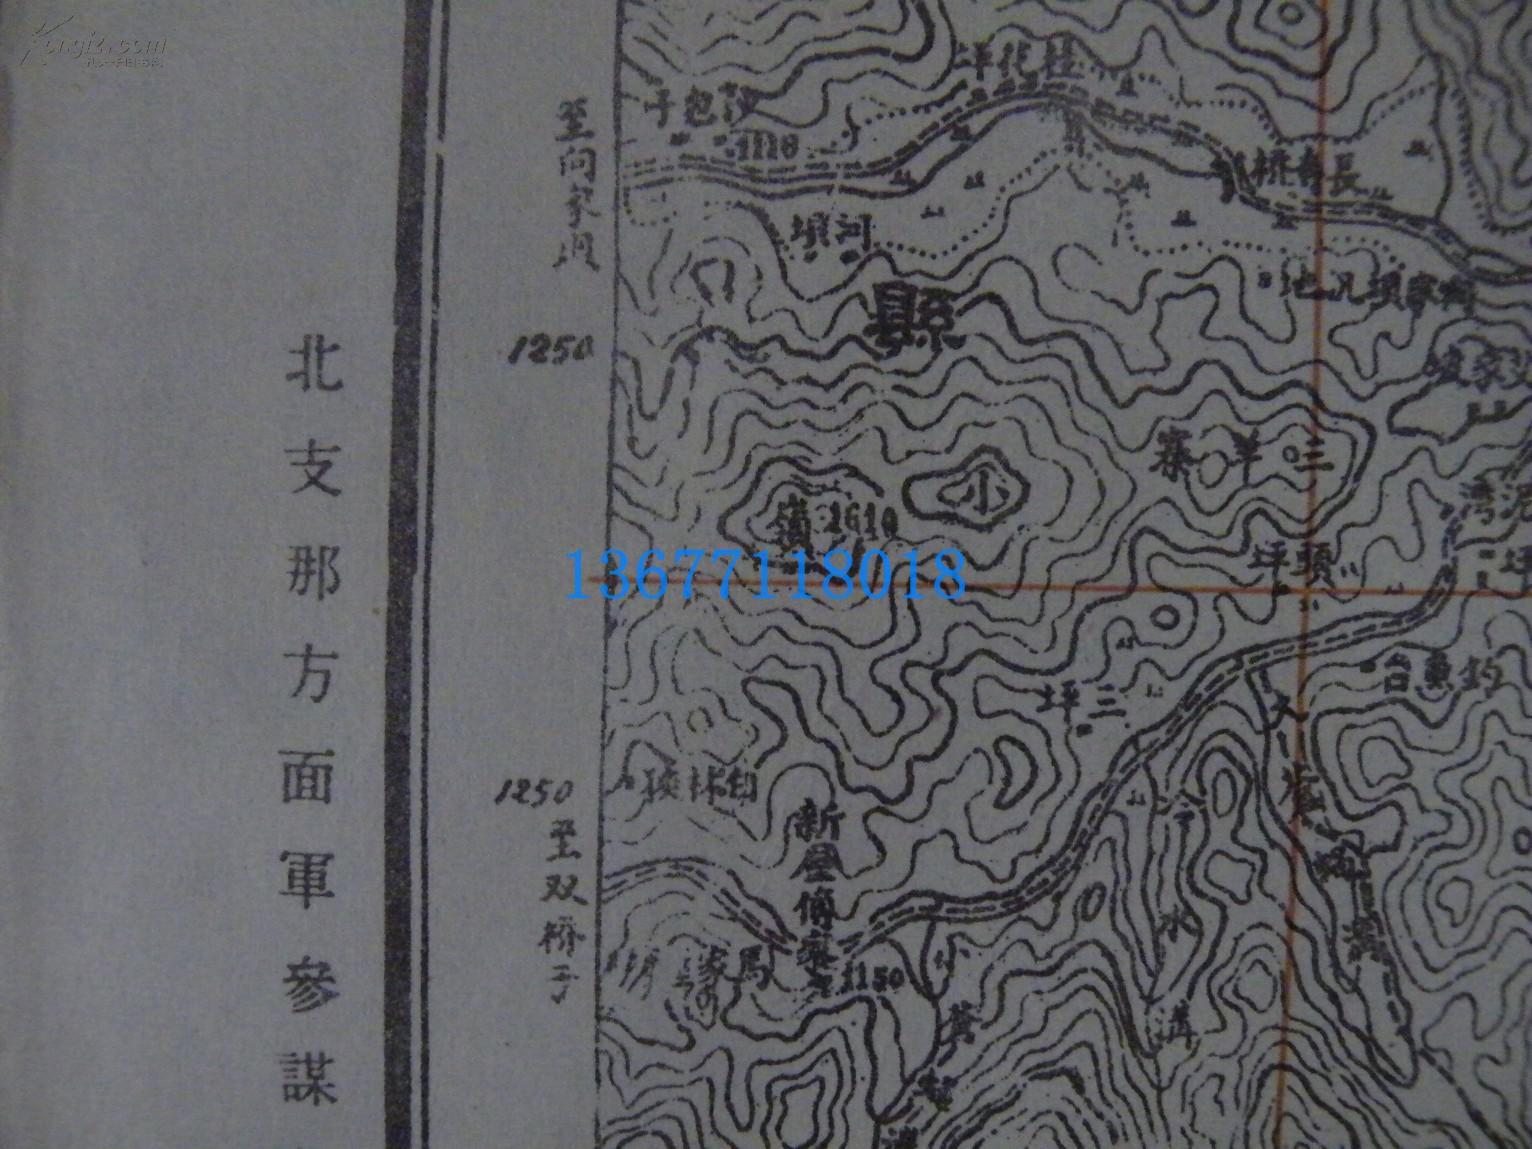 竹山之房县地图